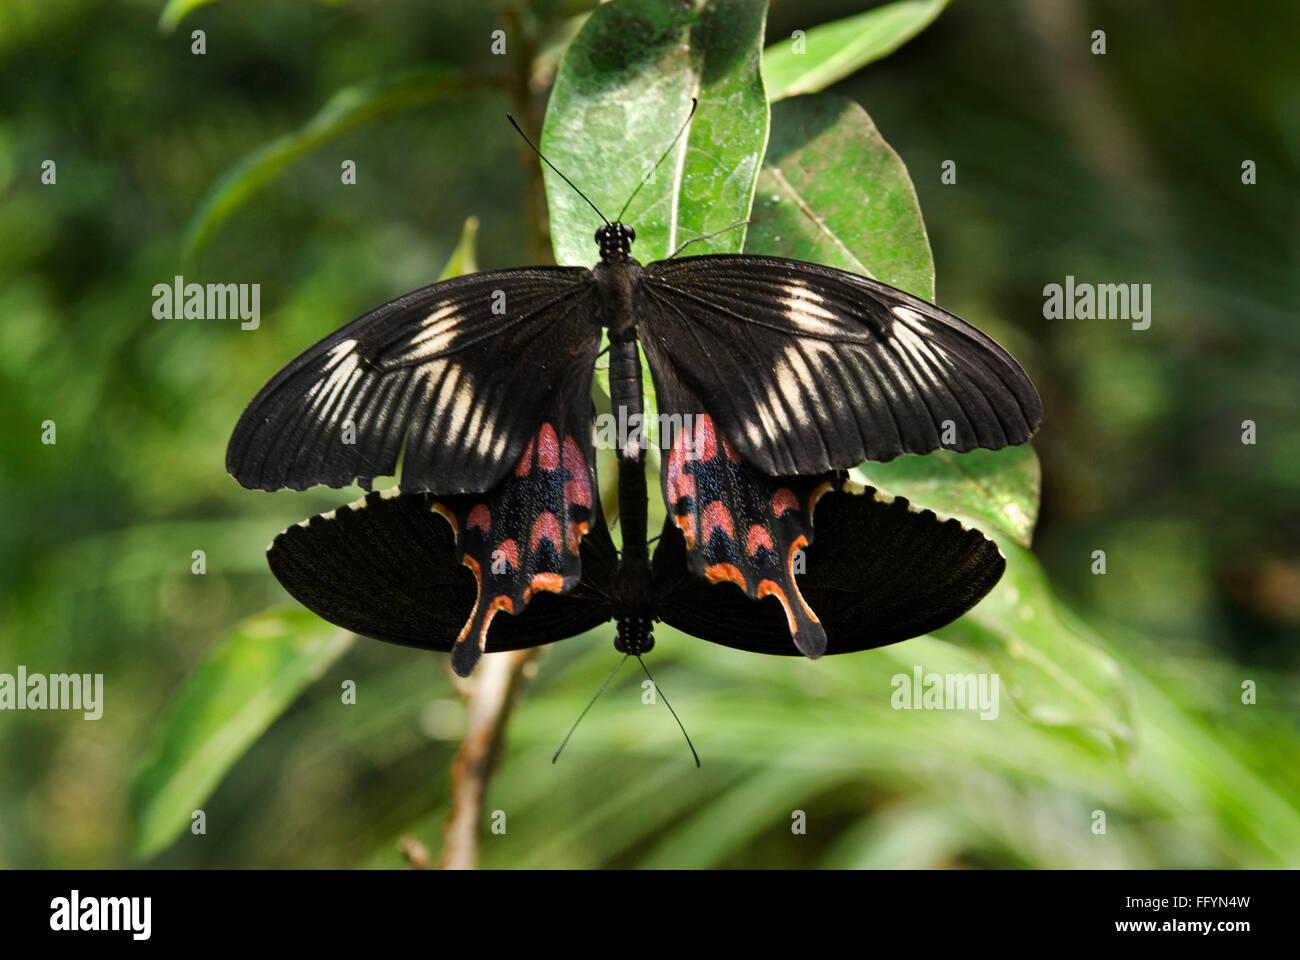 Gemeinsamen Mormone Paarung im Butterfly park Bannerghatta Bangalore Karnataka Indien Asien Stockbild